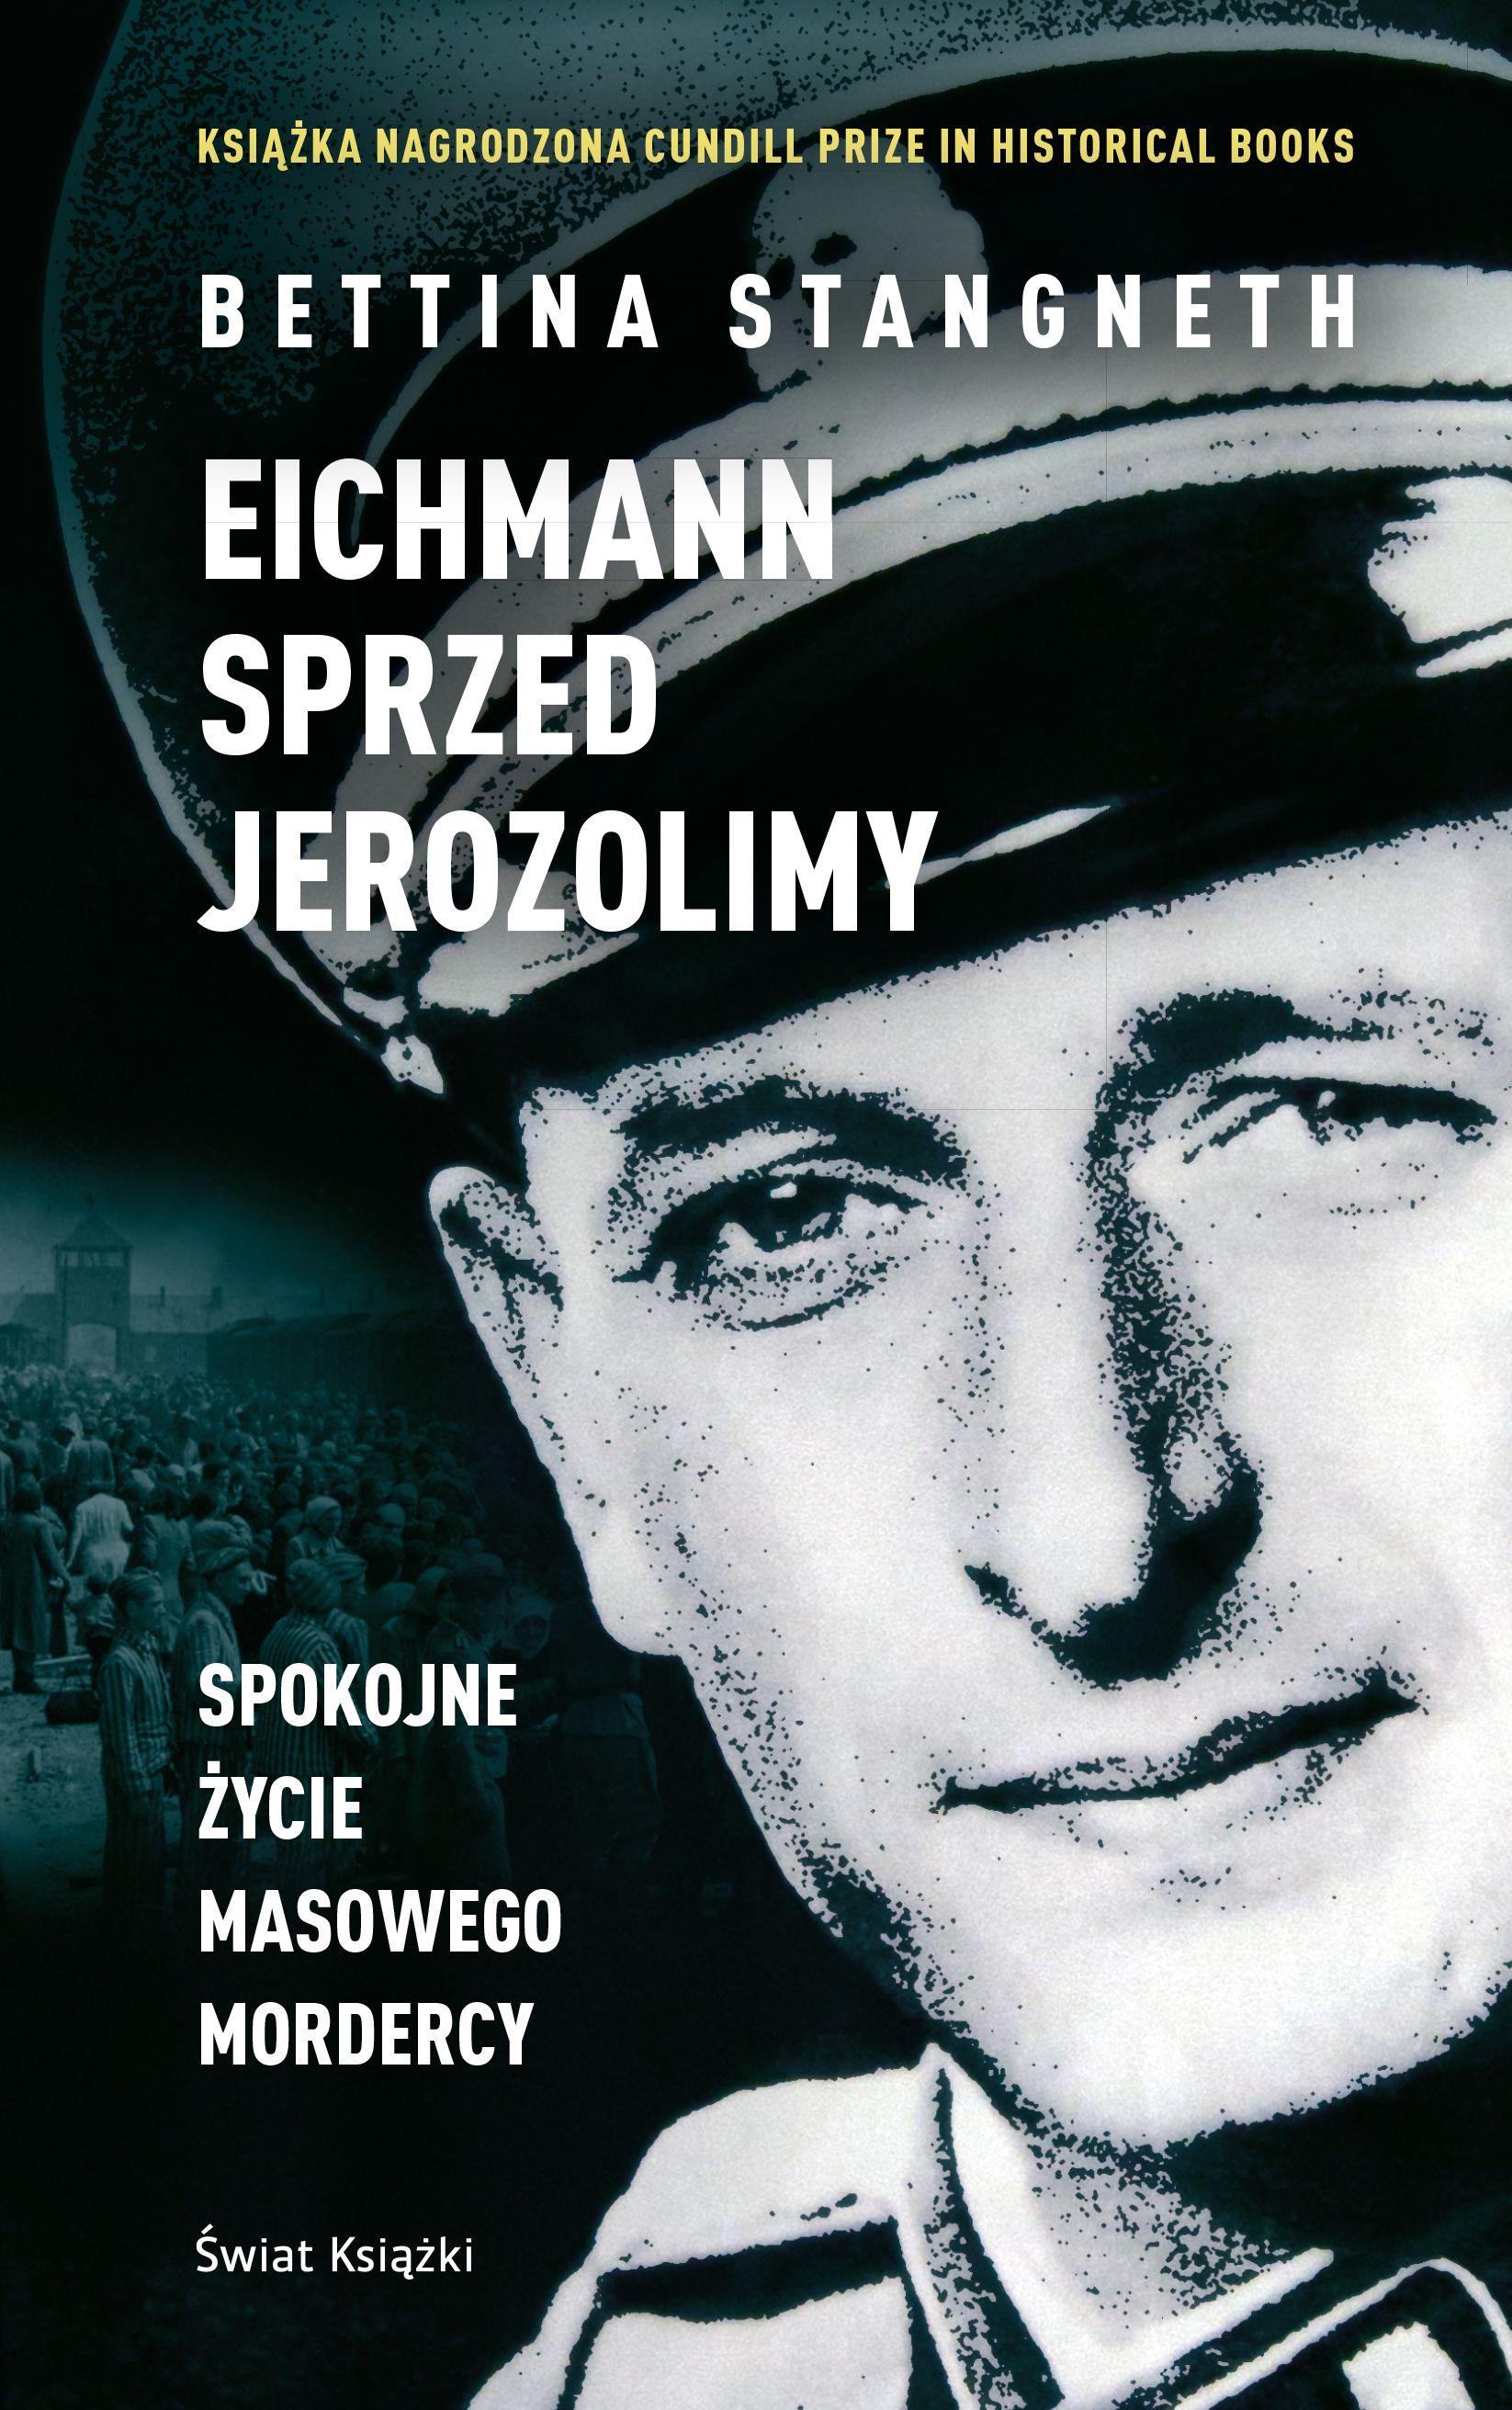 """Artykuł powstał m.in. na podstawie najnowszej książki Bettiny Stangneth """"Eichmann sprzed Jerozolimy"""" (Świat Książki 2017), która skreśliła w niej wizerunek jednego z największych nazistowskich zbrodniarzy."""